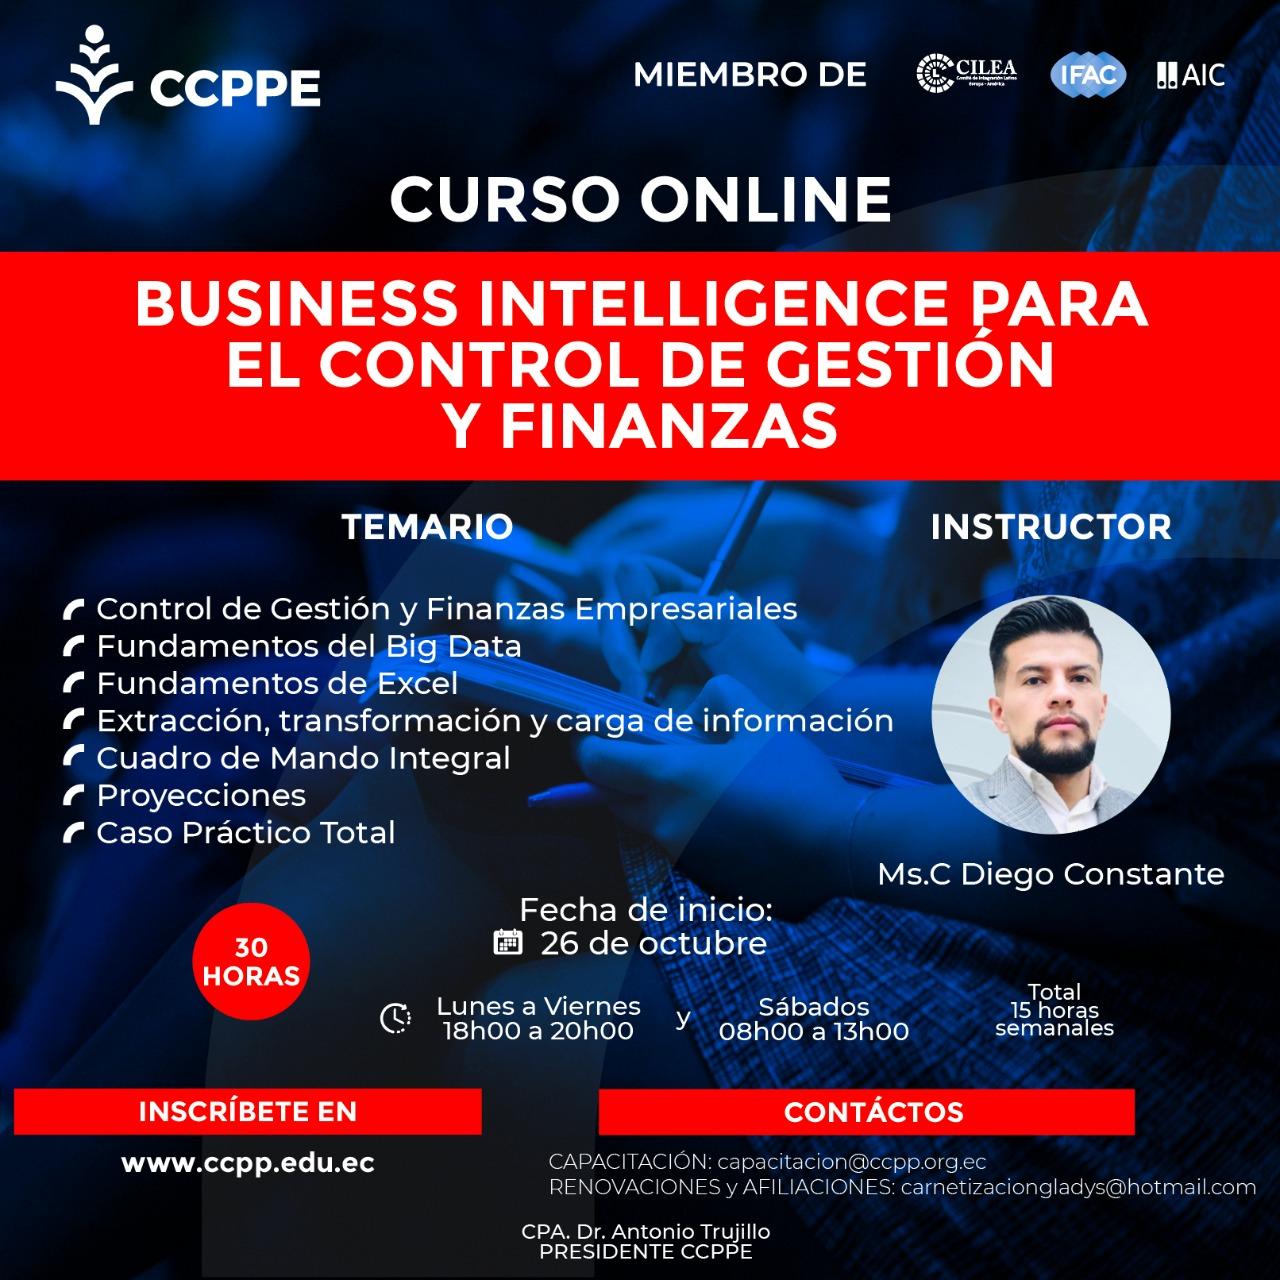 BUSINESS PARA CONTROL DE GESTIÓN Y FINANZAS EMPRESARIALES - 26 OCTUBRE AL 13 NOVIEMBRE 2020